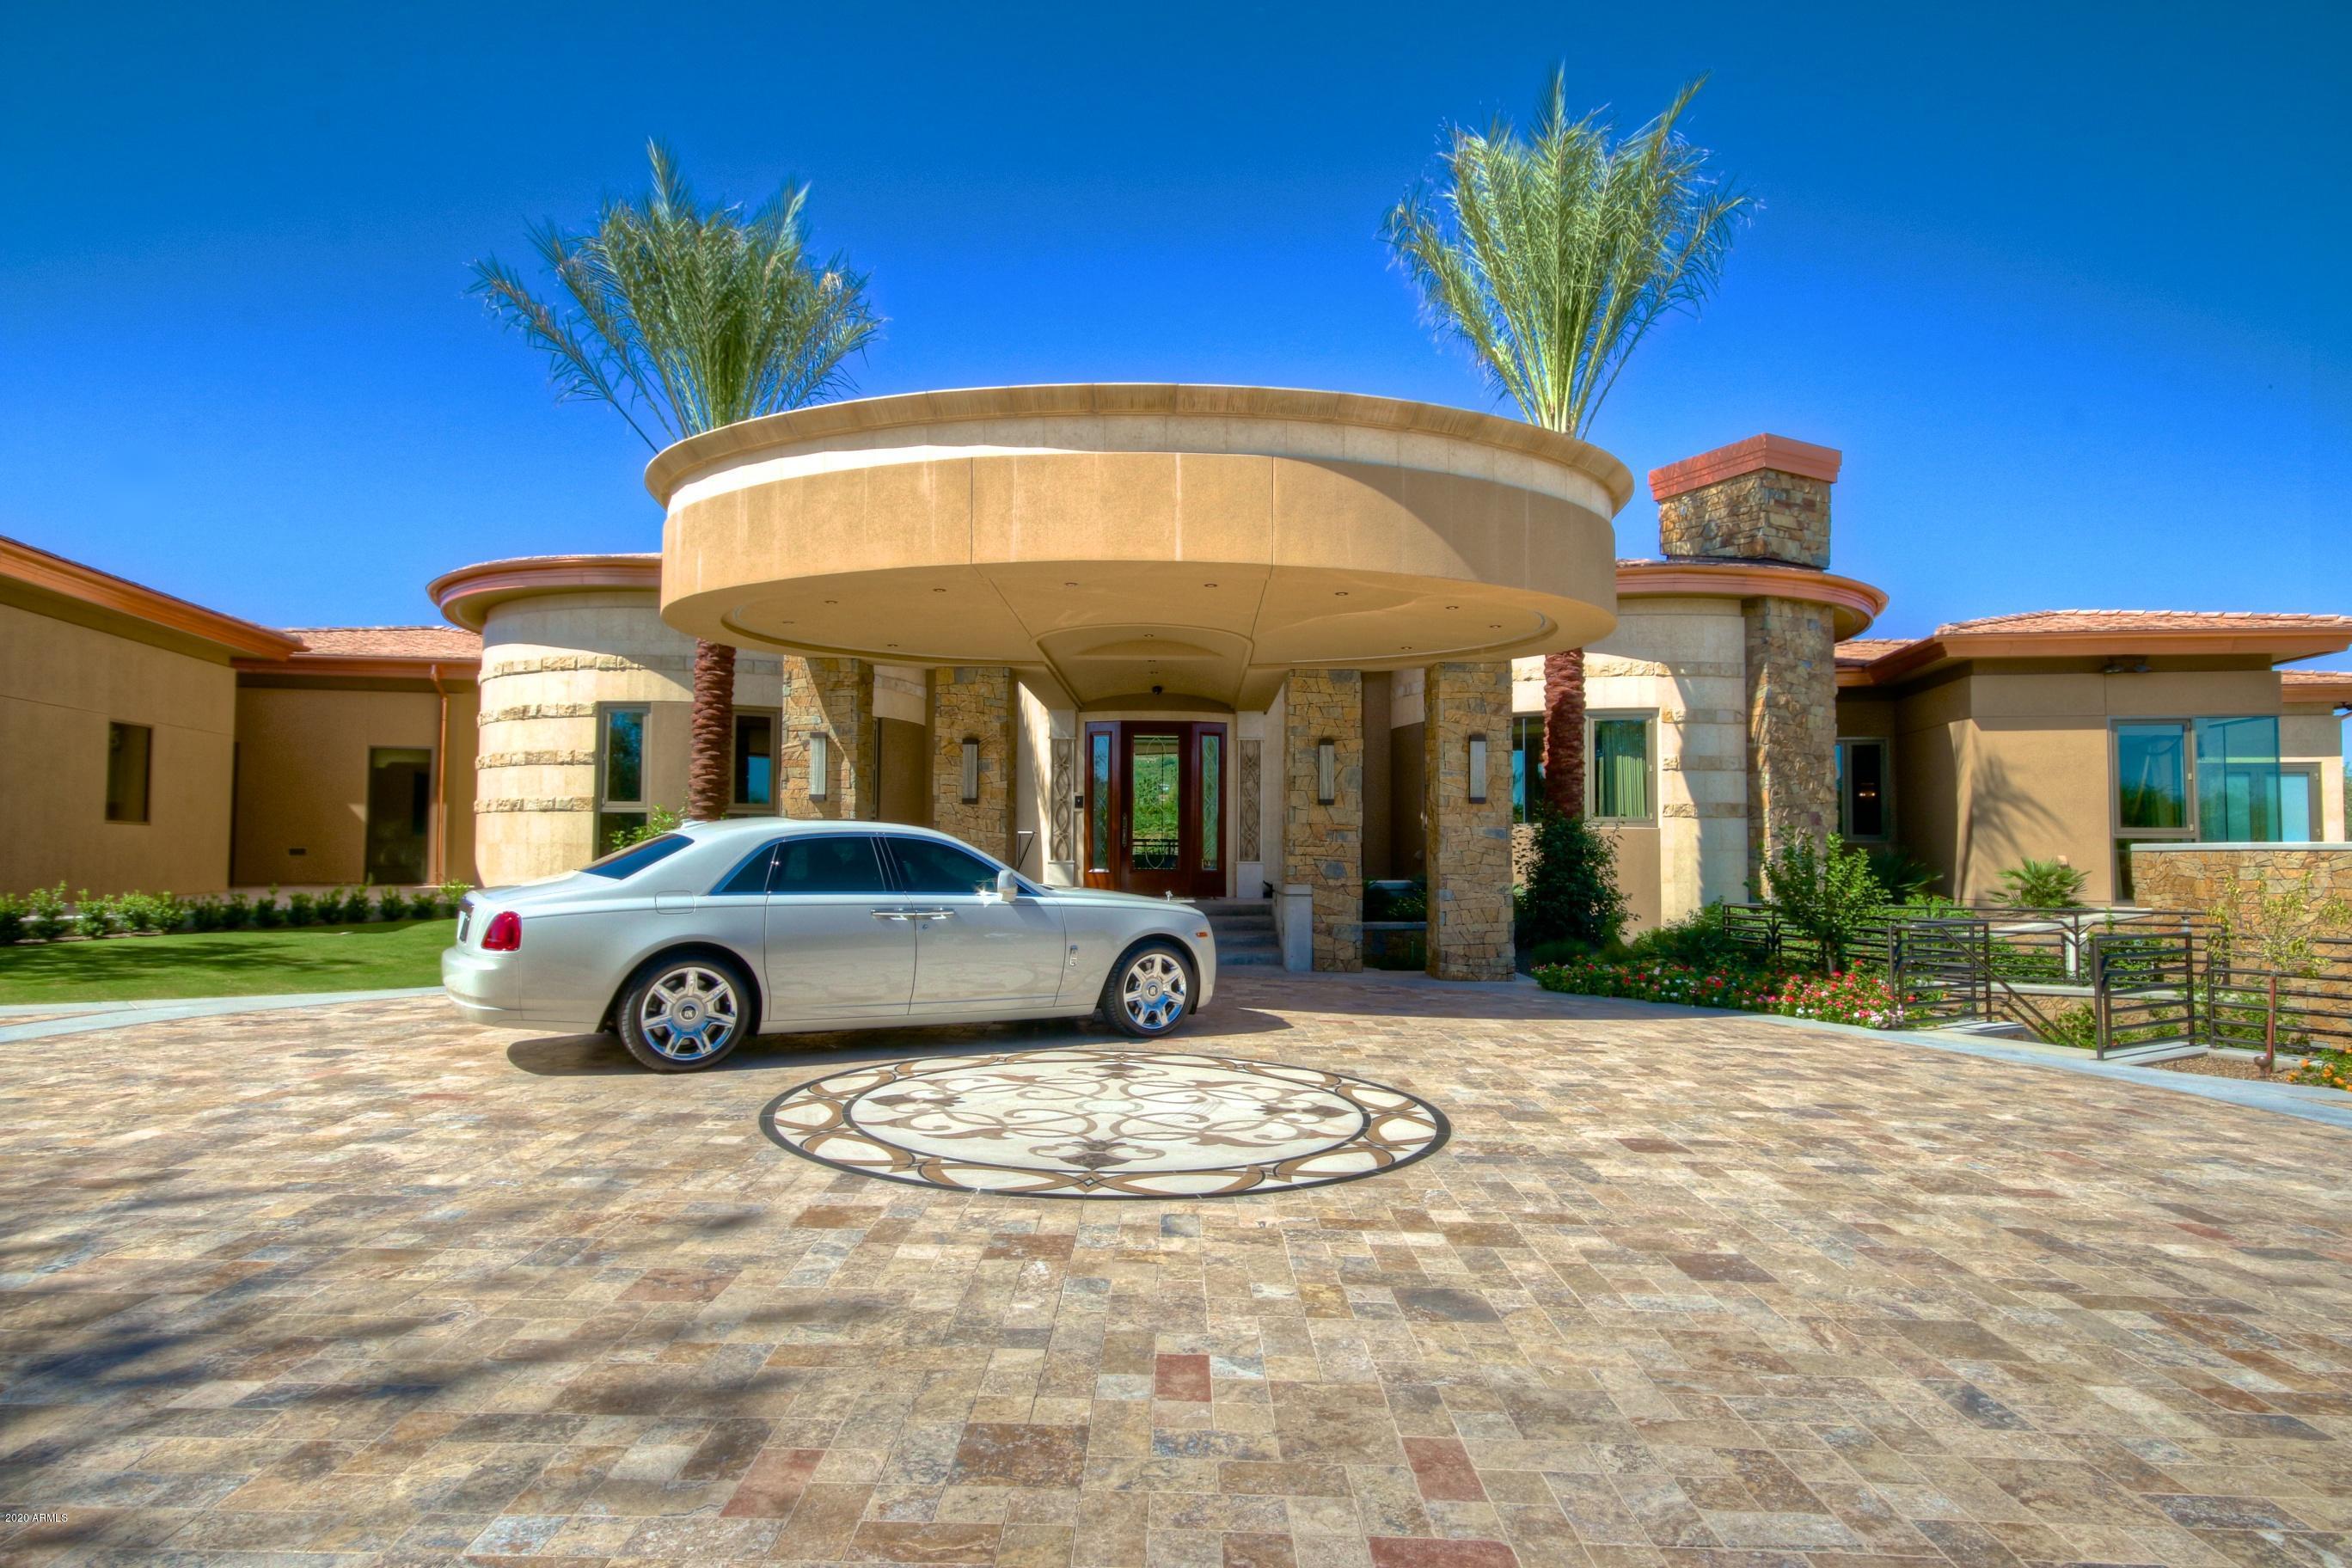 MLS 5892742 5335 N INVERGORDON Road, Paradise Valley, AZ 85253 Paradise Valley AZ Luxury